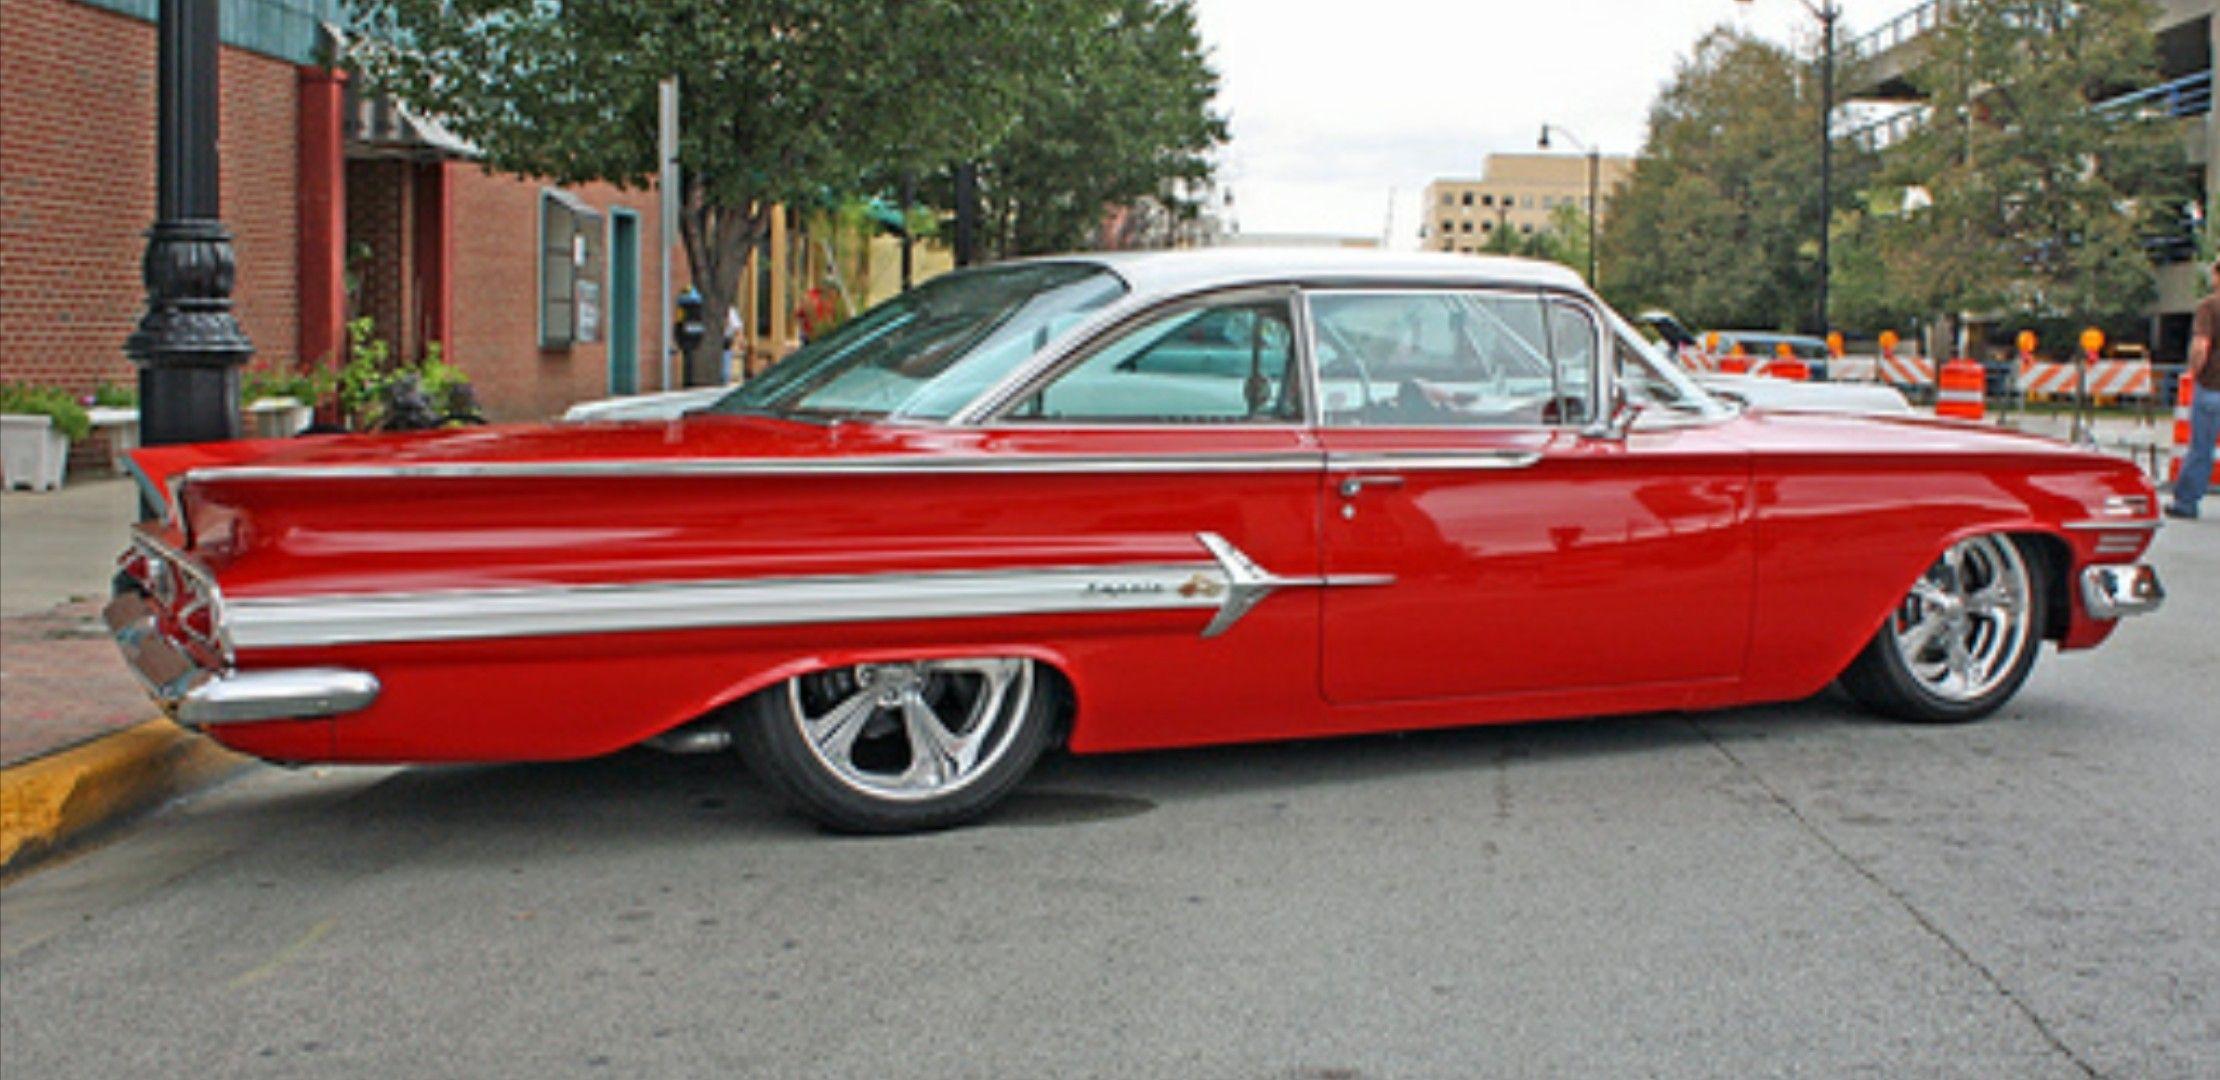 59 impala [ 2220 x 1080 Pixel ]